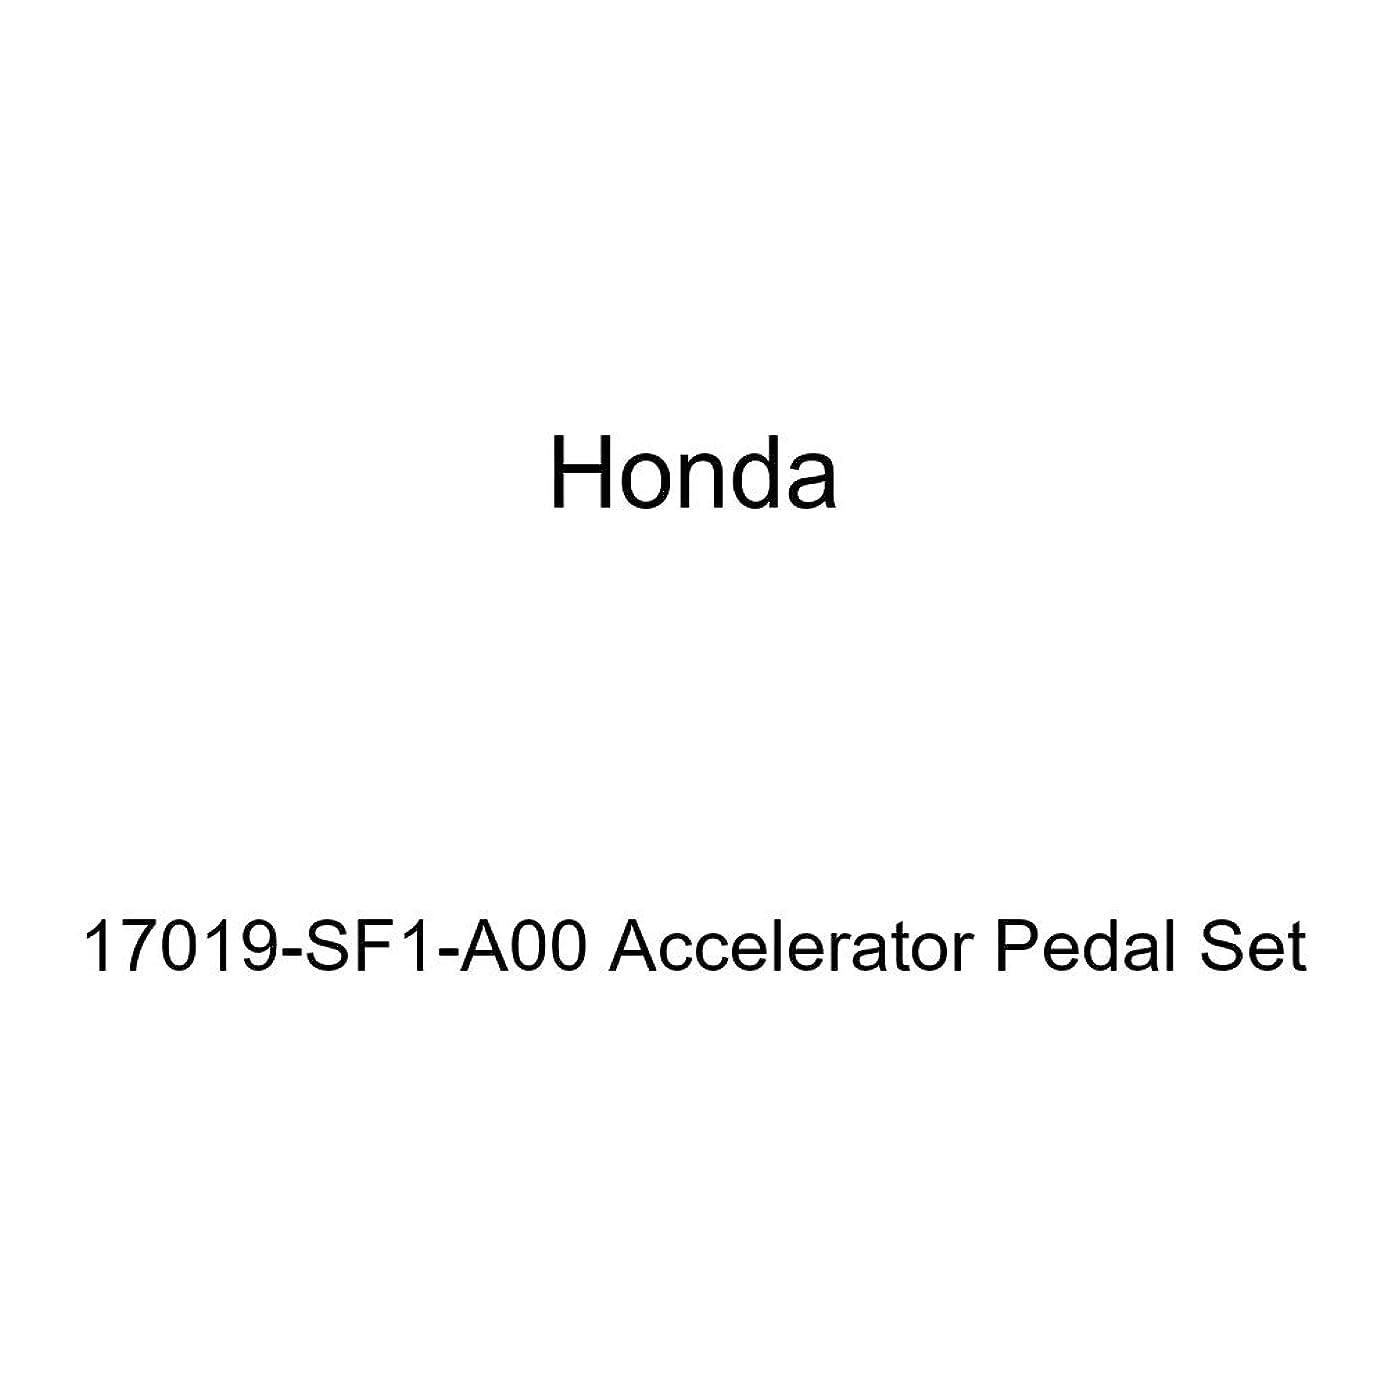 Honda Genuine 17019-SF1-A00 Accelerator Pedal Set